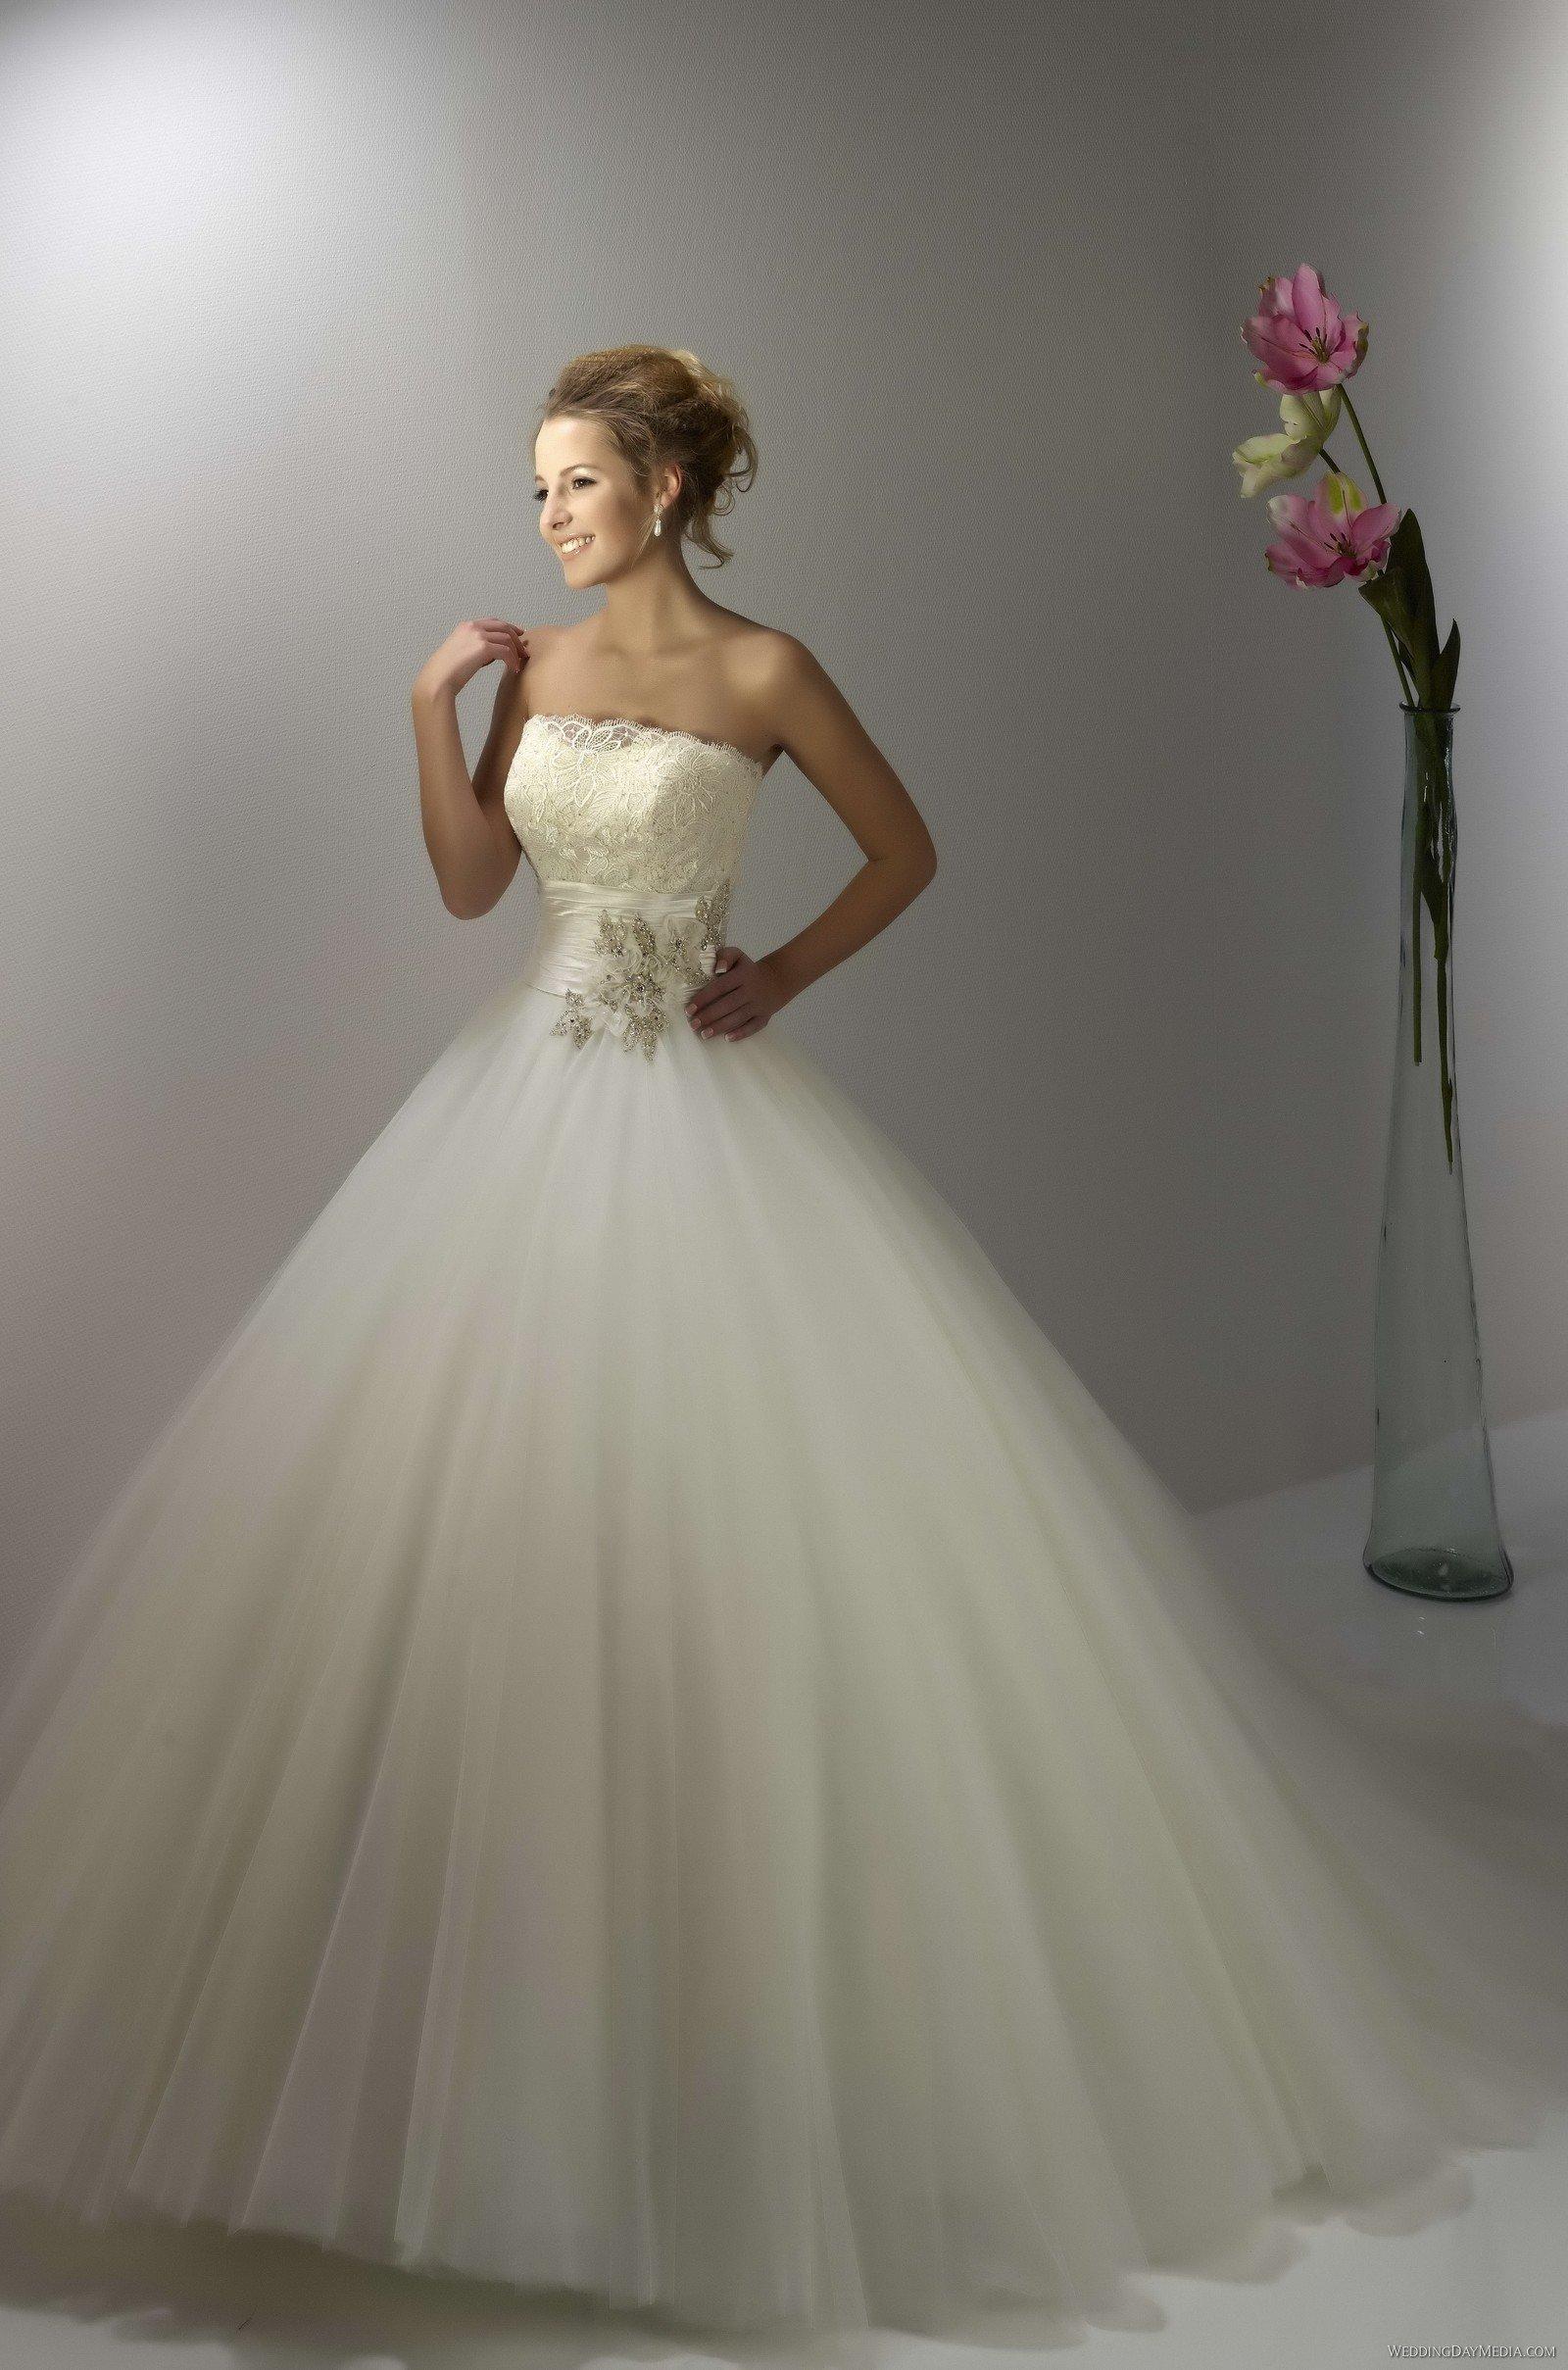 bf4cba83d5 Tiulowe suknie ślubne - Wedding.pl